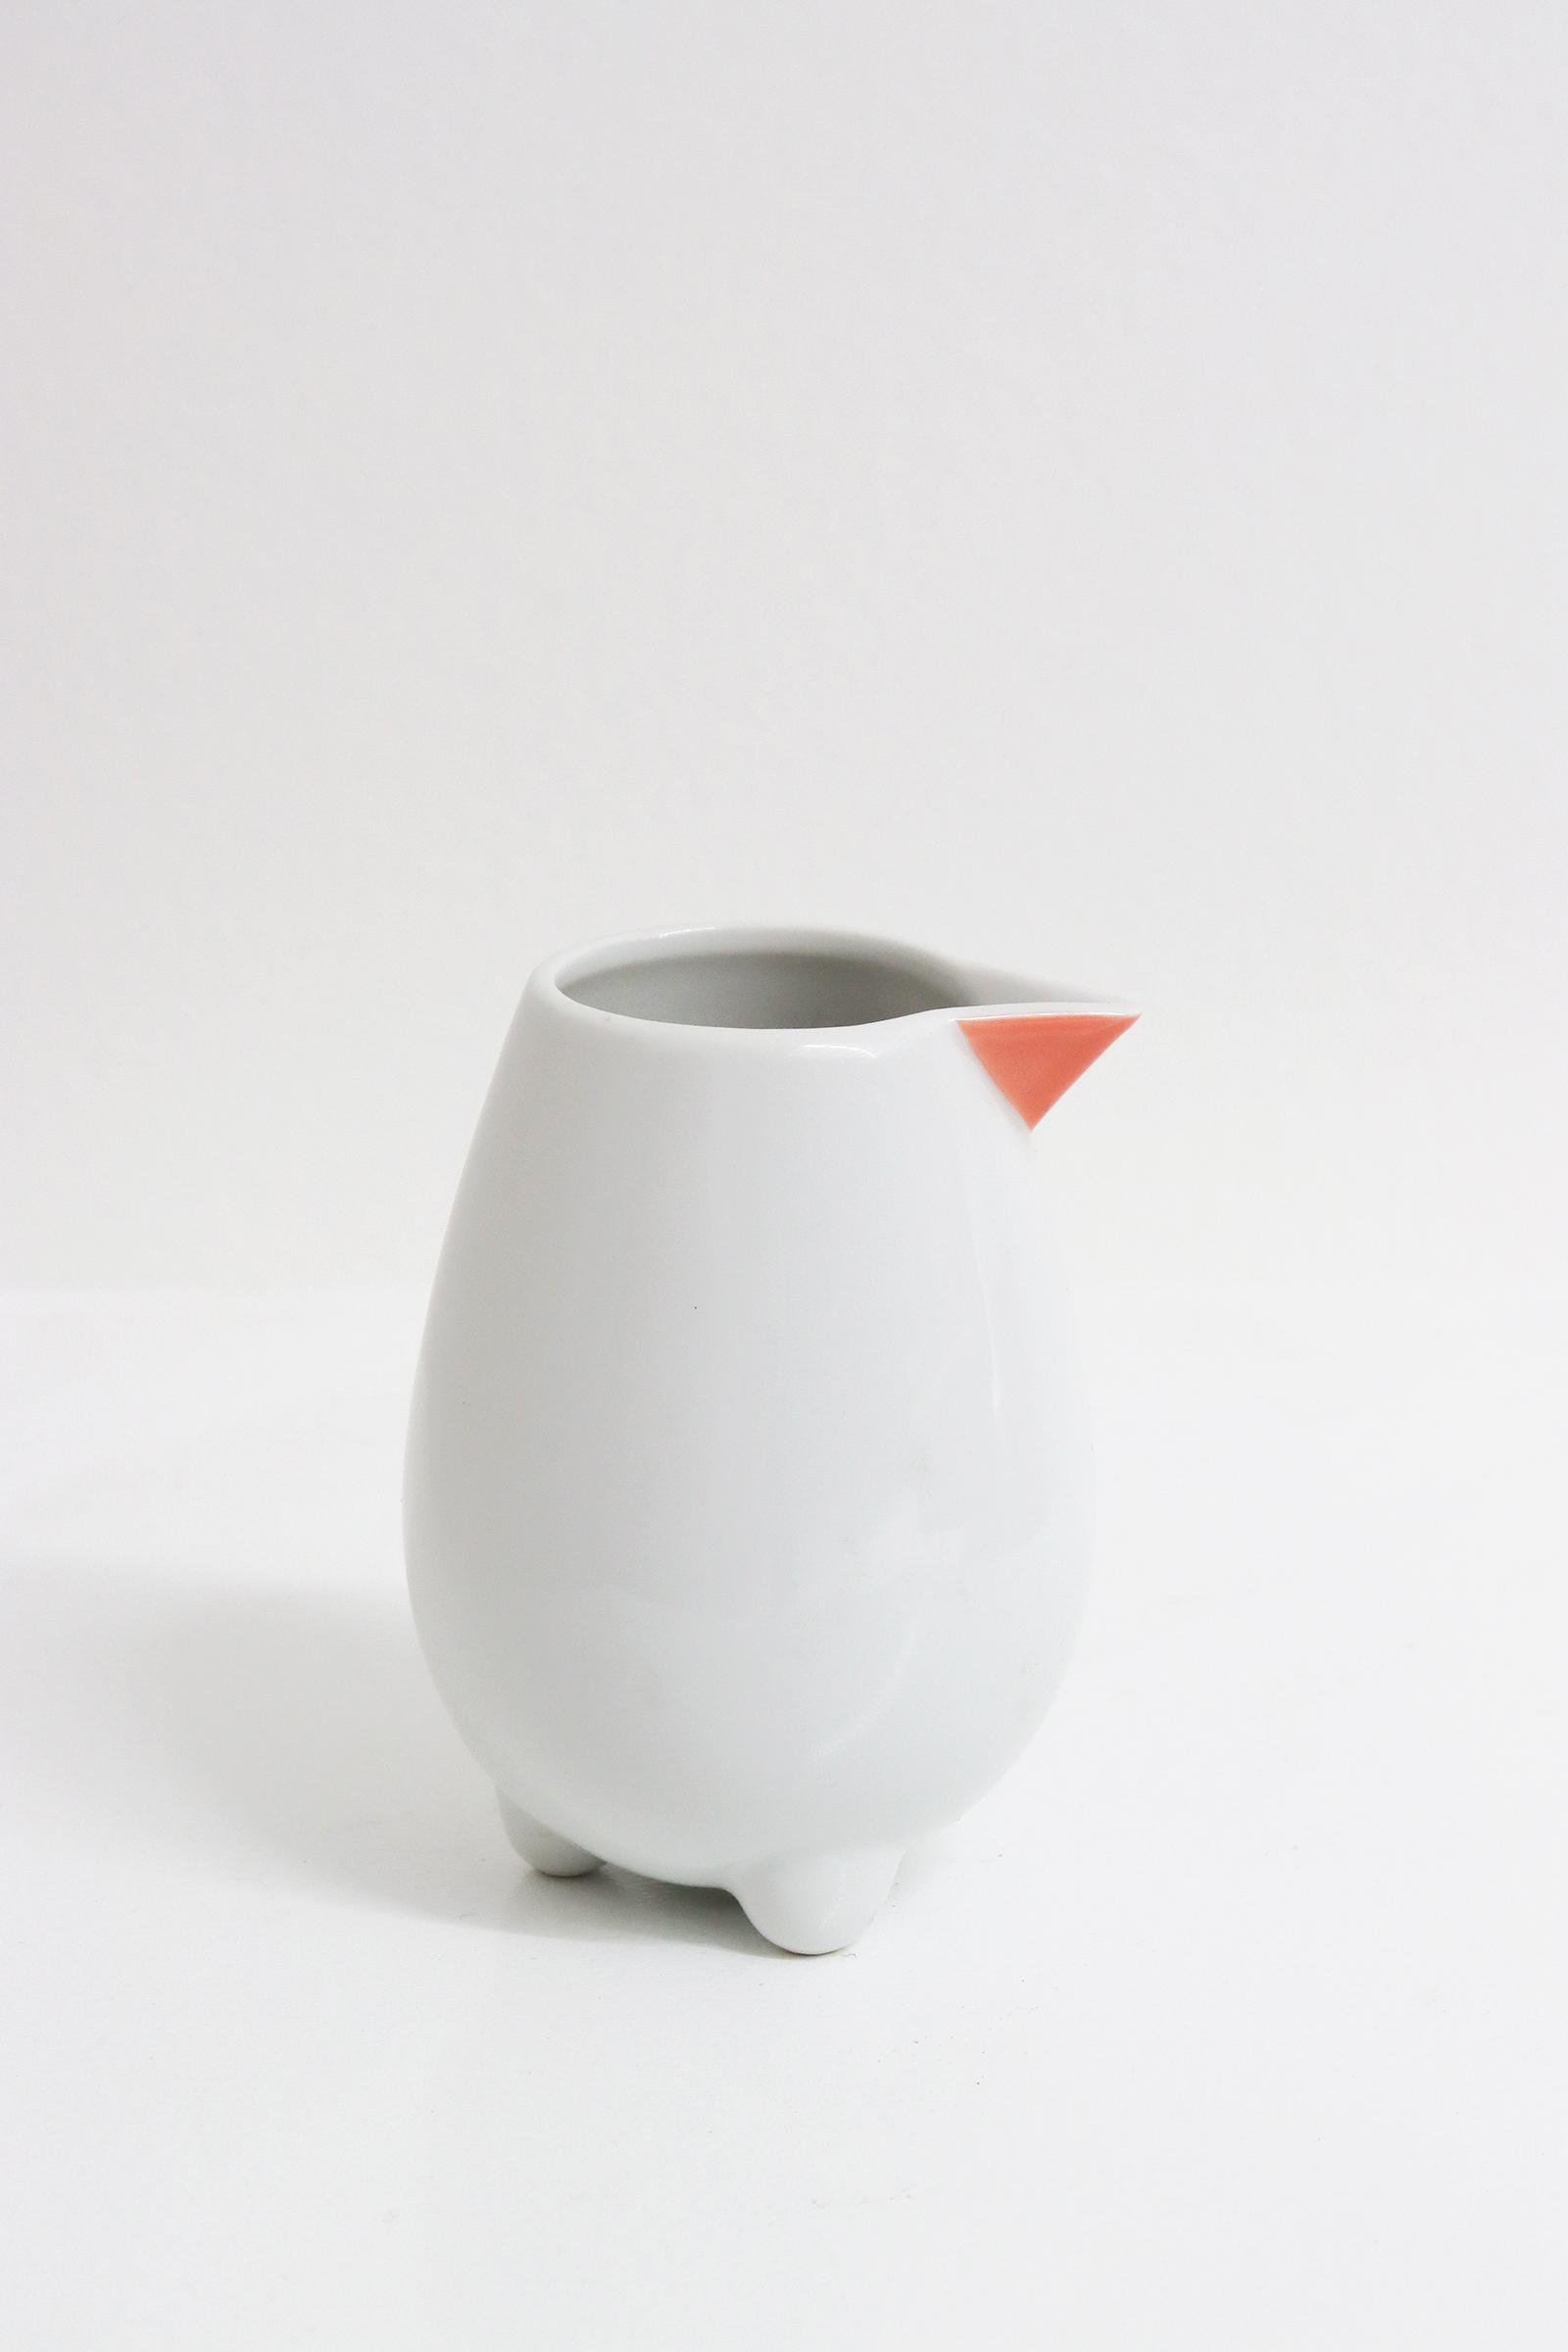 Matteo Thun Fantasia teapotimage 5